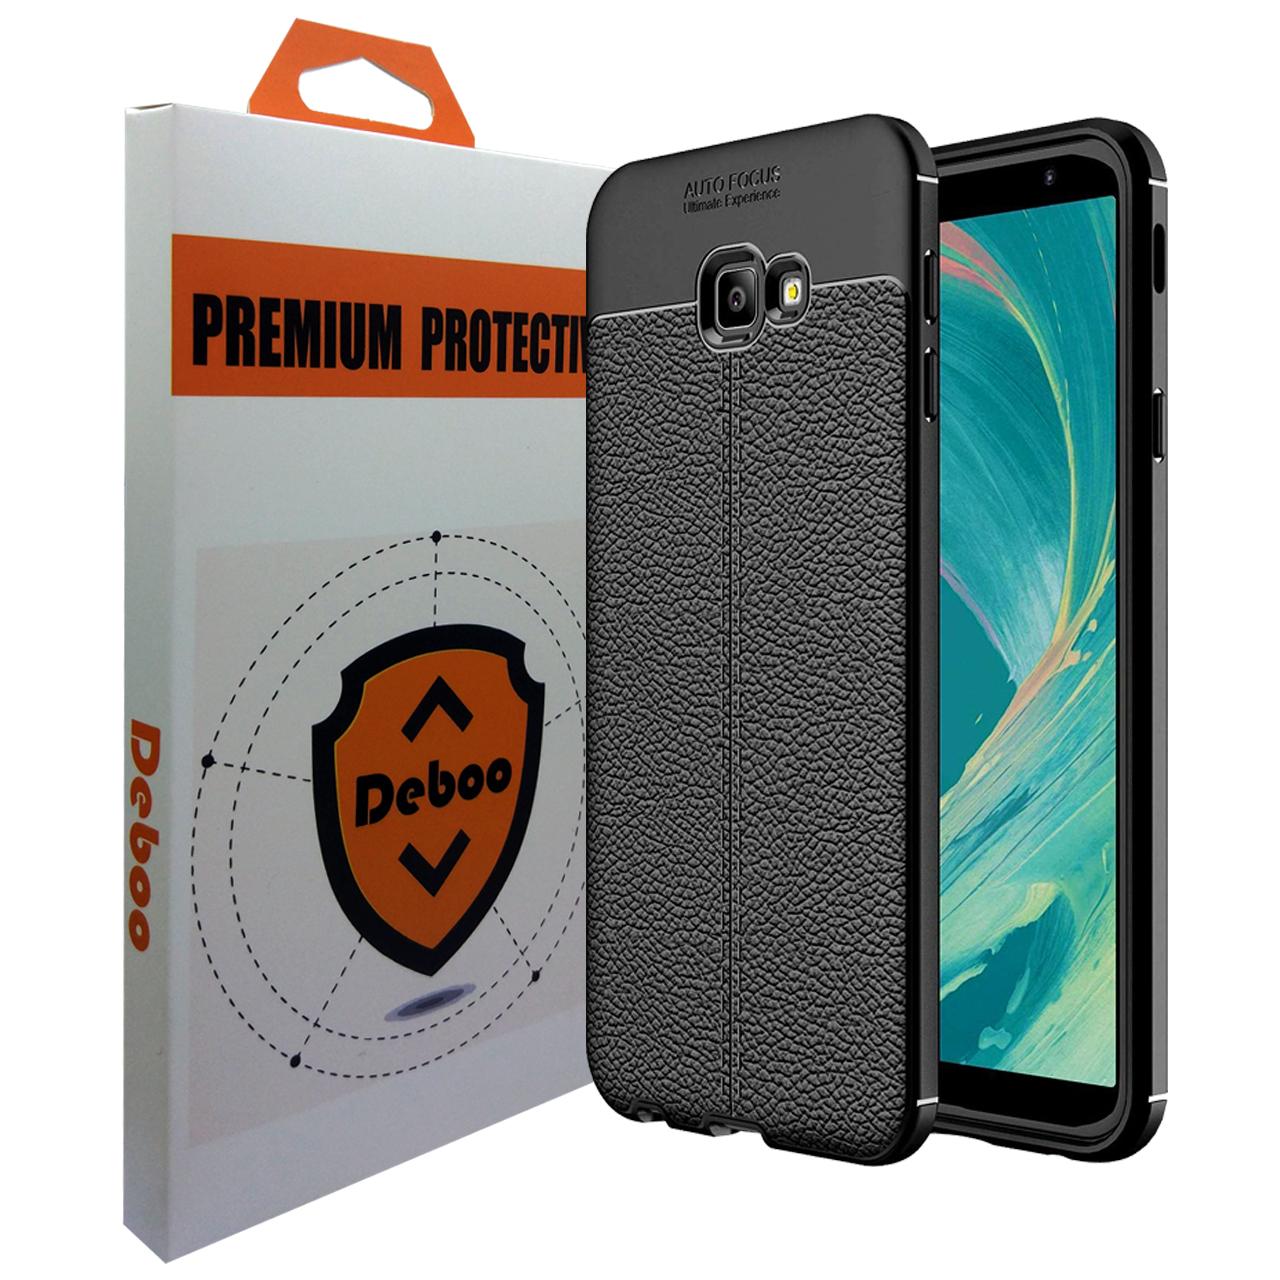 کاور دبو مدل RAFS مناسب برای گوشی موبایل سامسونگ Galaxy J7 Prime              ( قیمت و خرید)